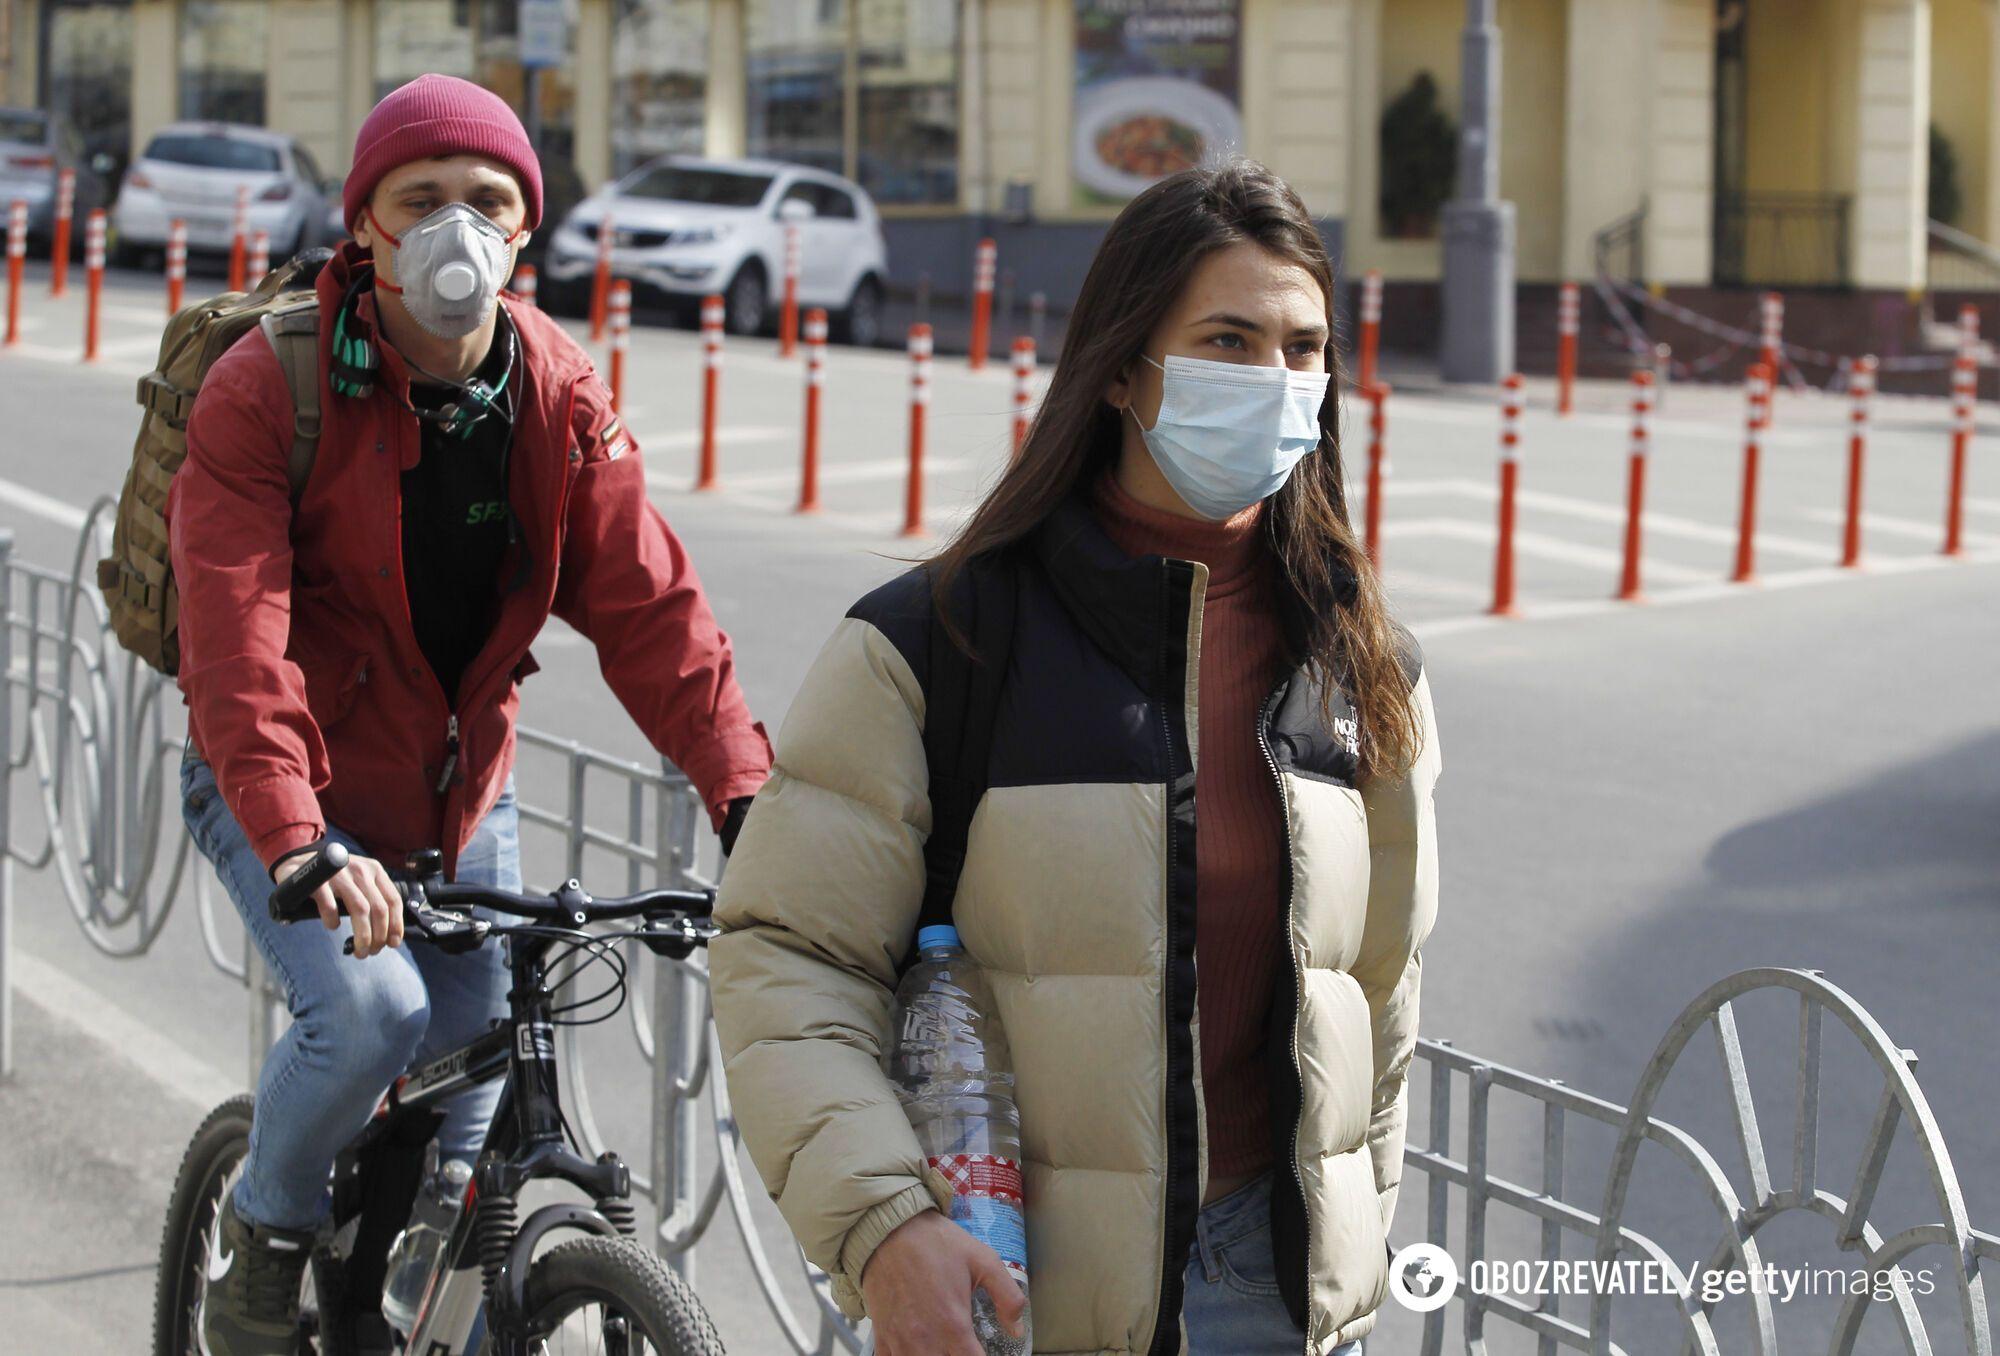 Новый штамм коронавируса уже в Украине, сказал врач.